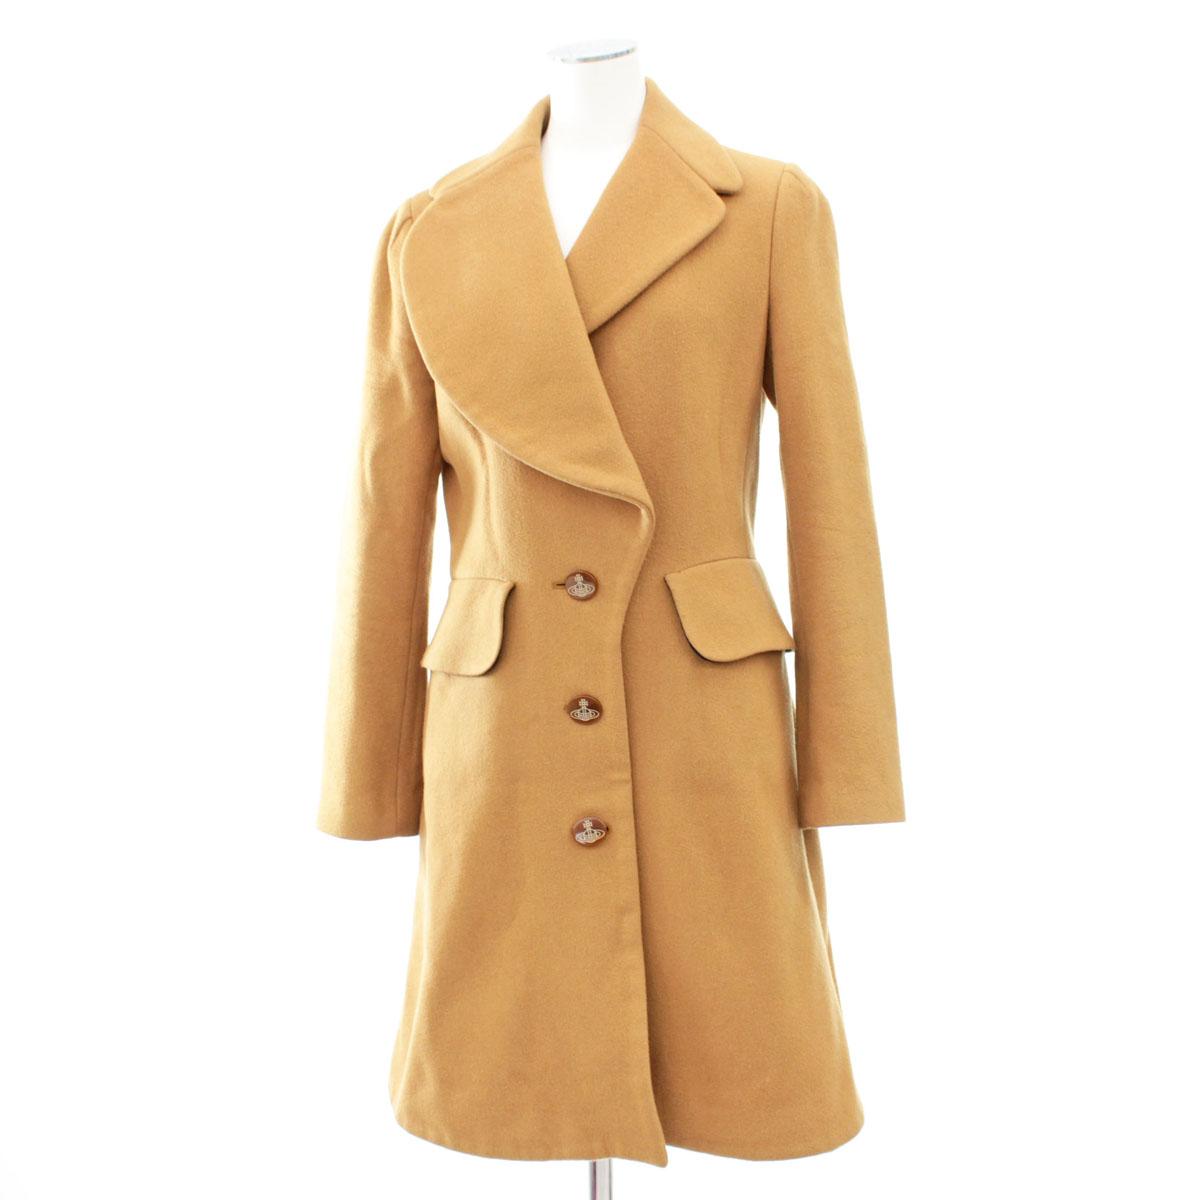 【中古】◆Vivienne Westwood ヴィヴィアンウェストウッドレッドレーベル デザインコート サイズ3◆ キャメル/オーヴボタン/レディース/アウター